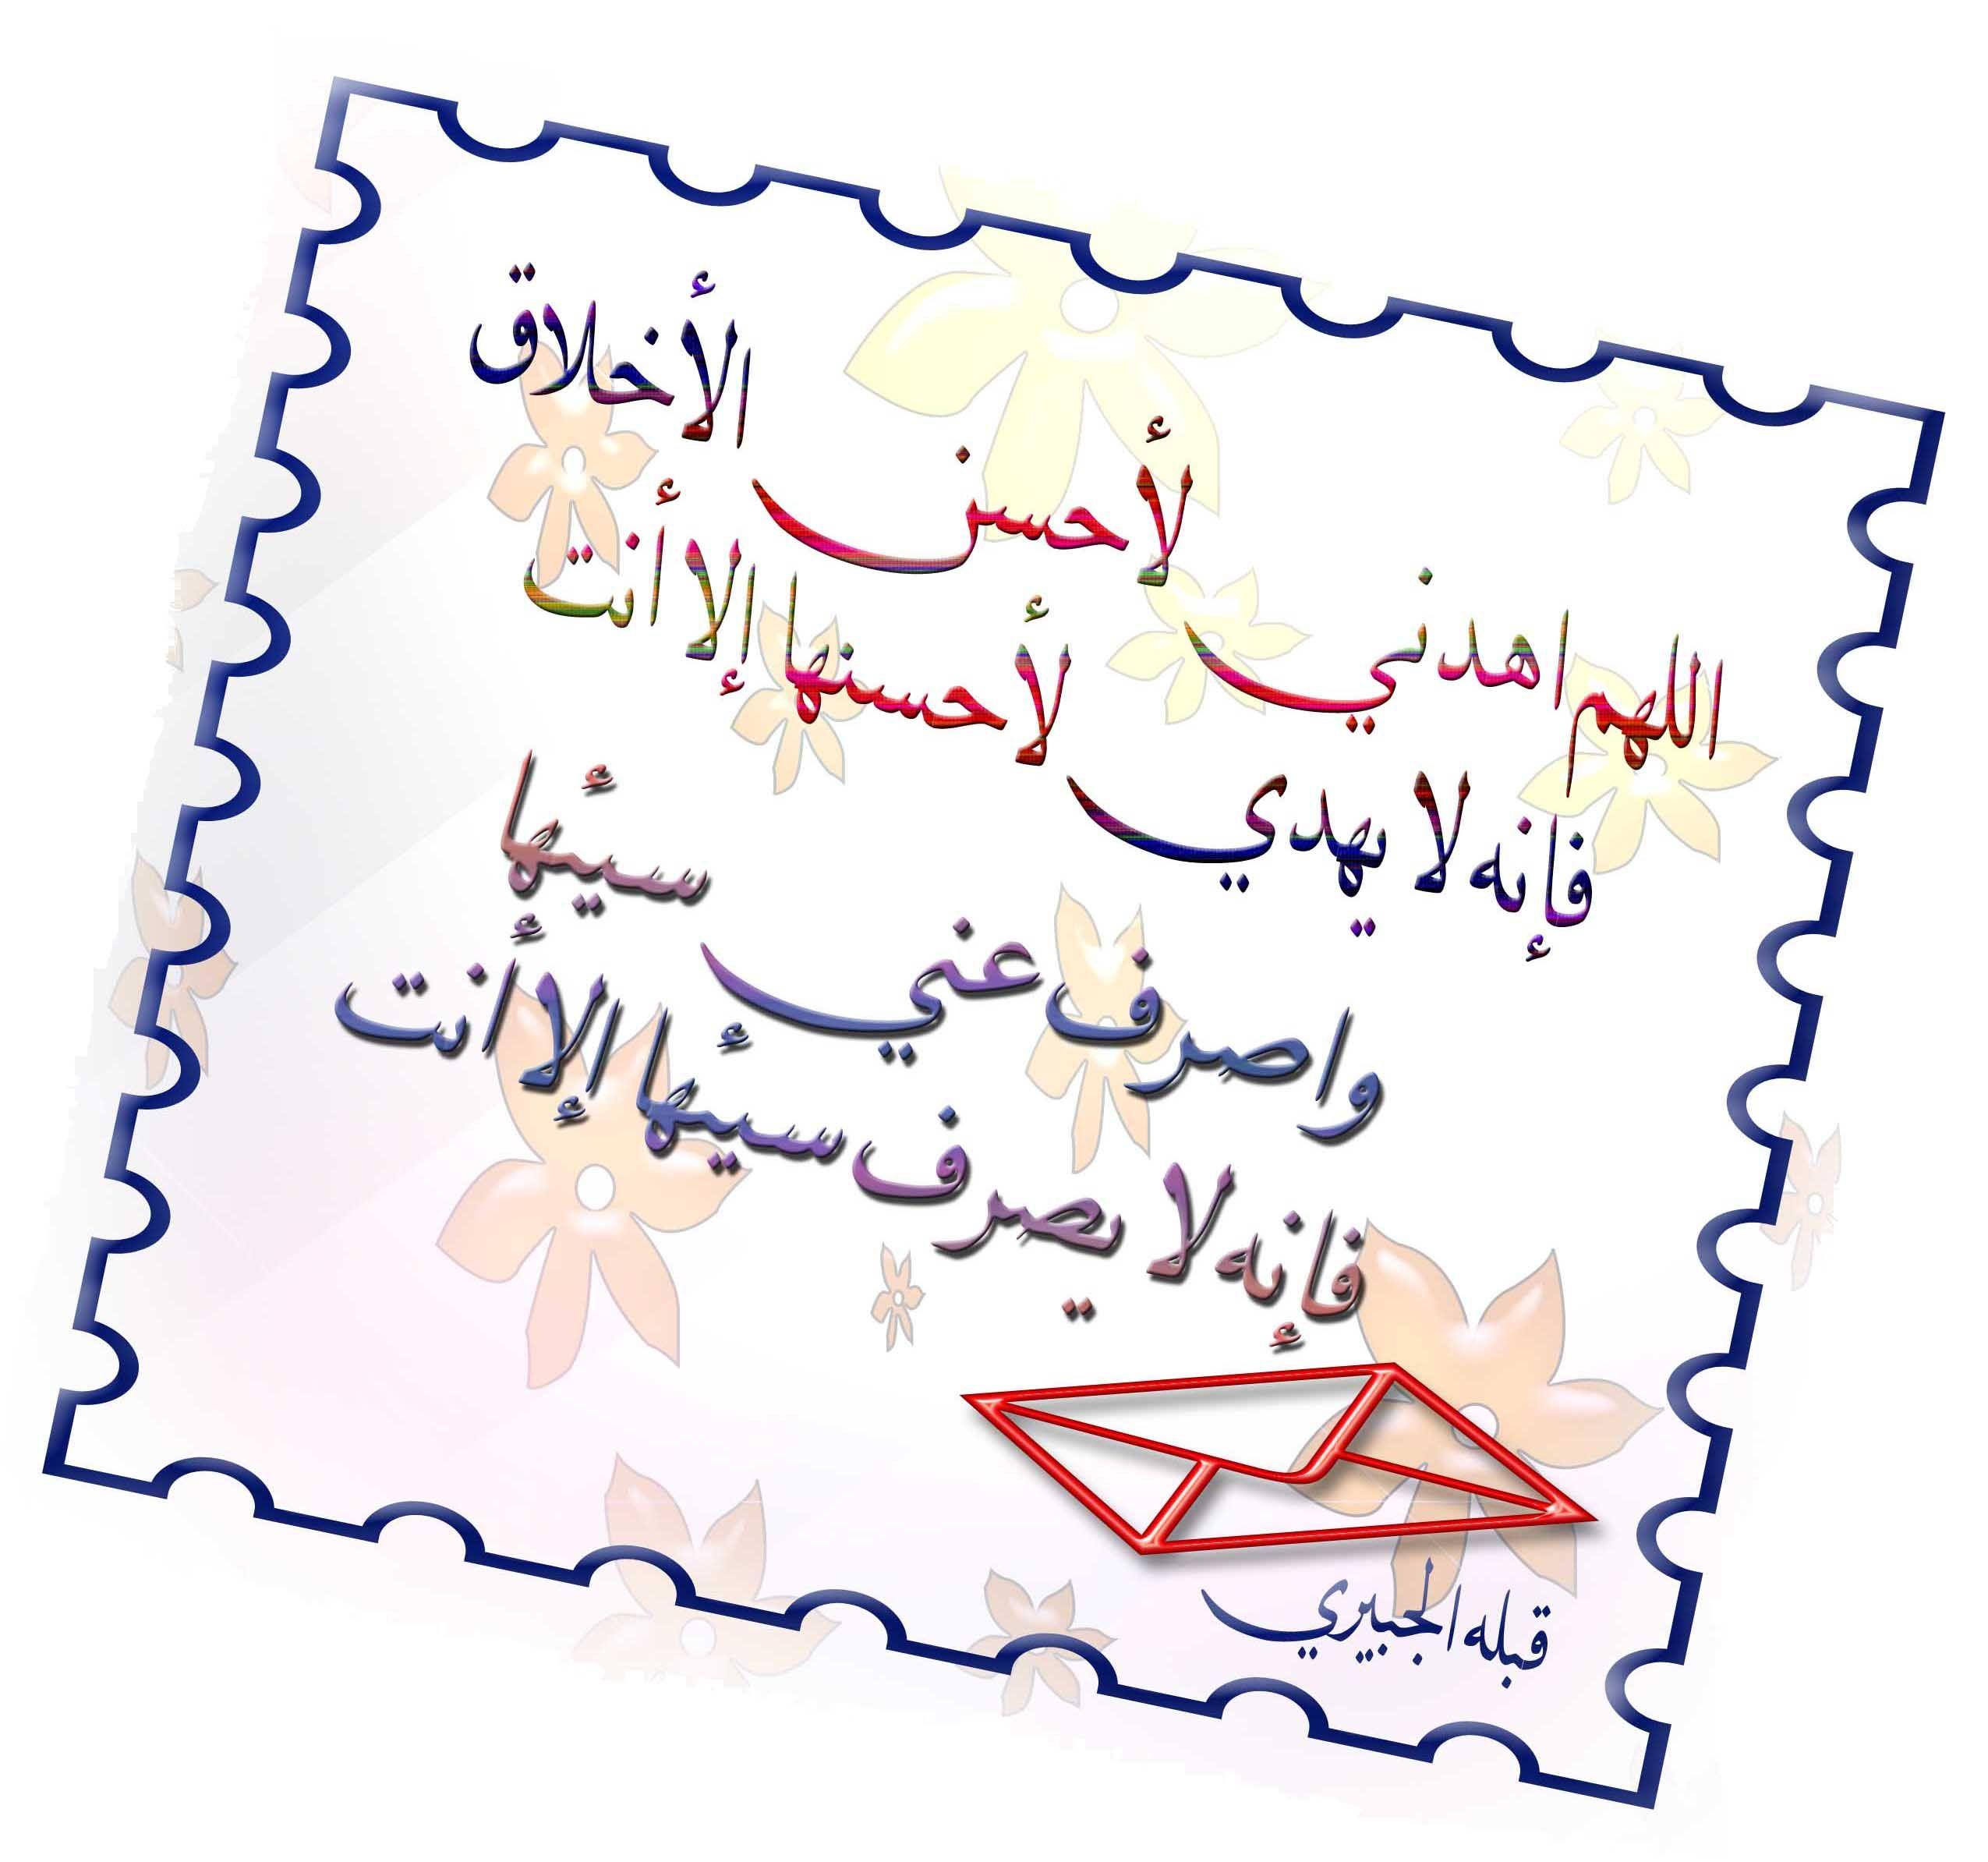 تصاميم اذكار دعاء حب أبي أمي رسالة Calligraphy Arabic Calligraphy Art